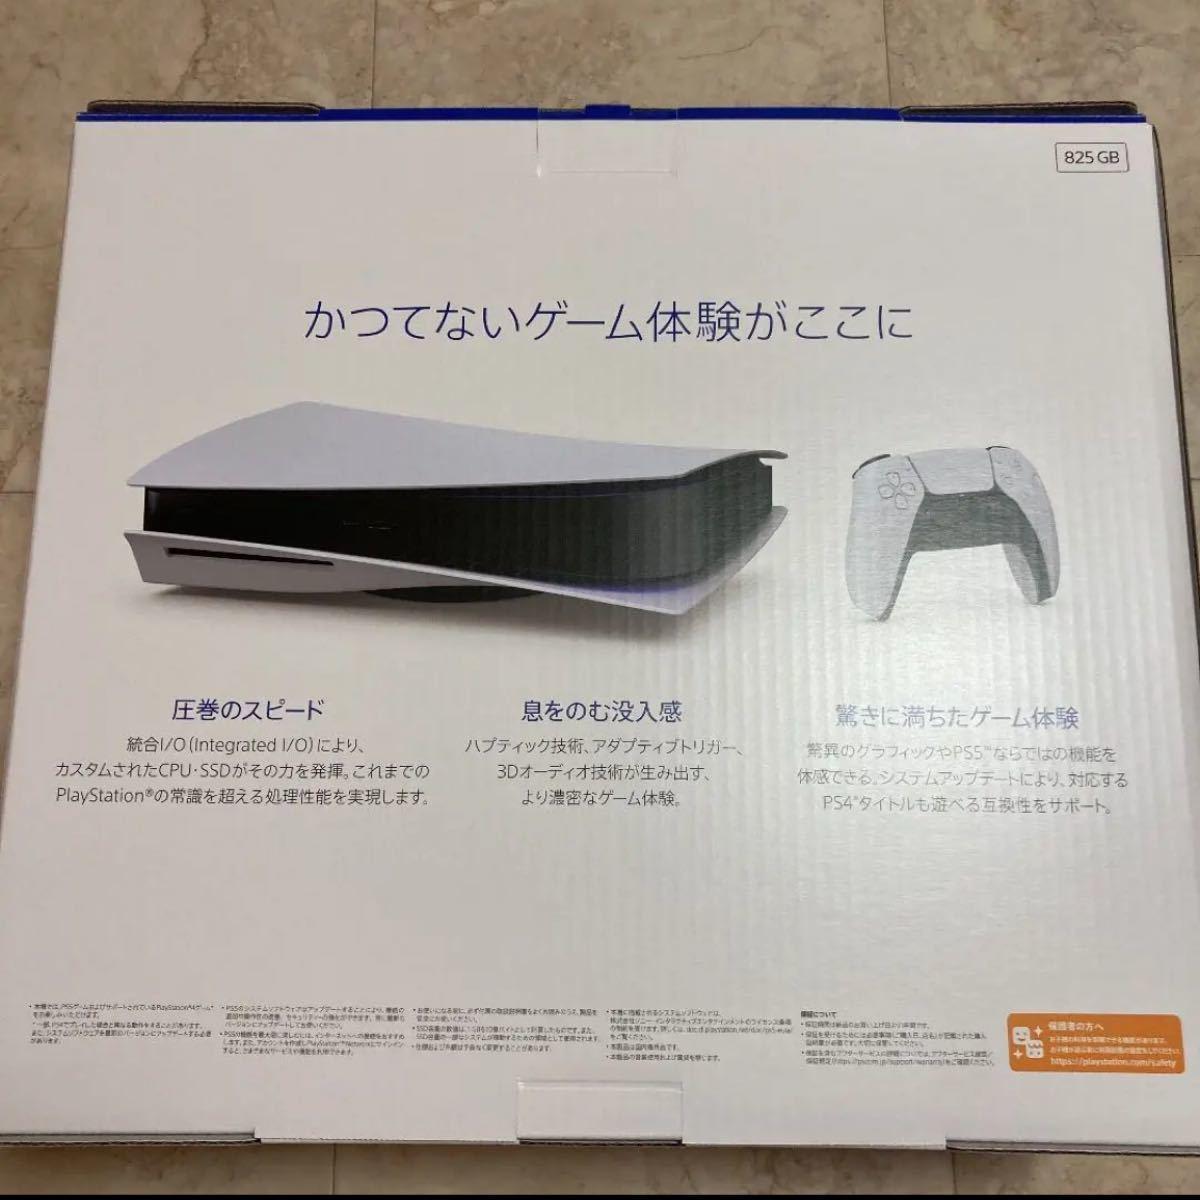 新品 未開封品 PS5 本体 PlayStation5 ディスクドライブ搭載 CFI-1000A01 保証 送料無料